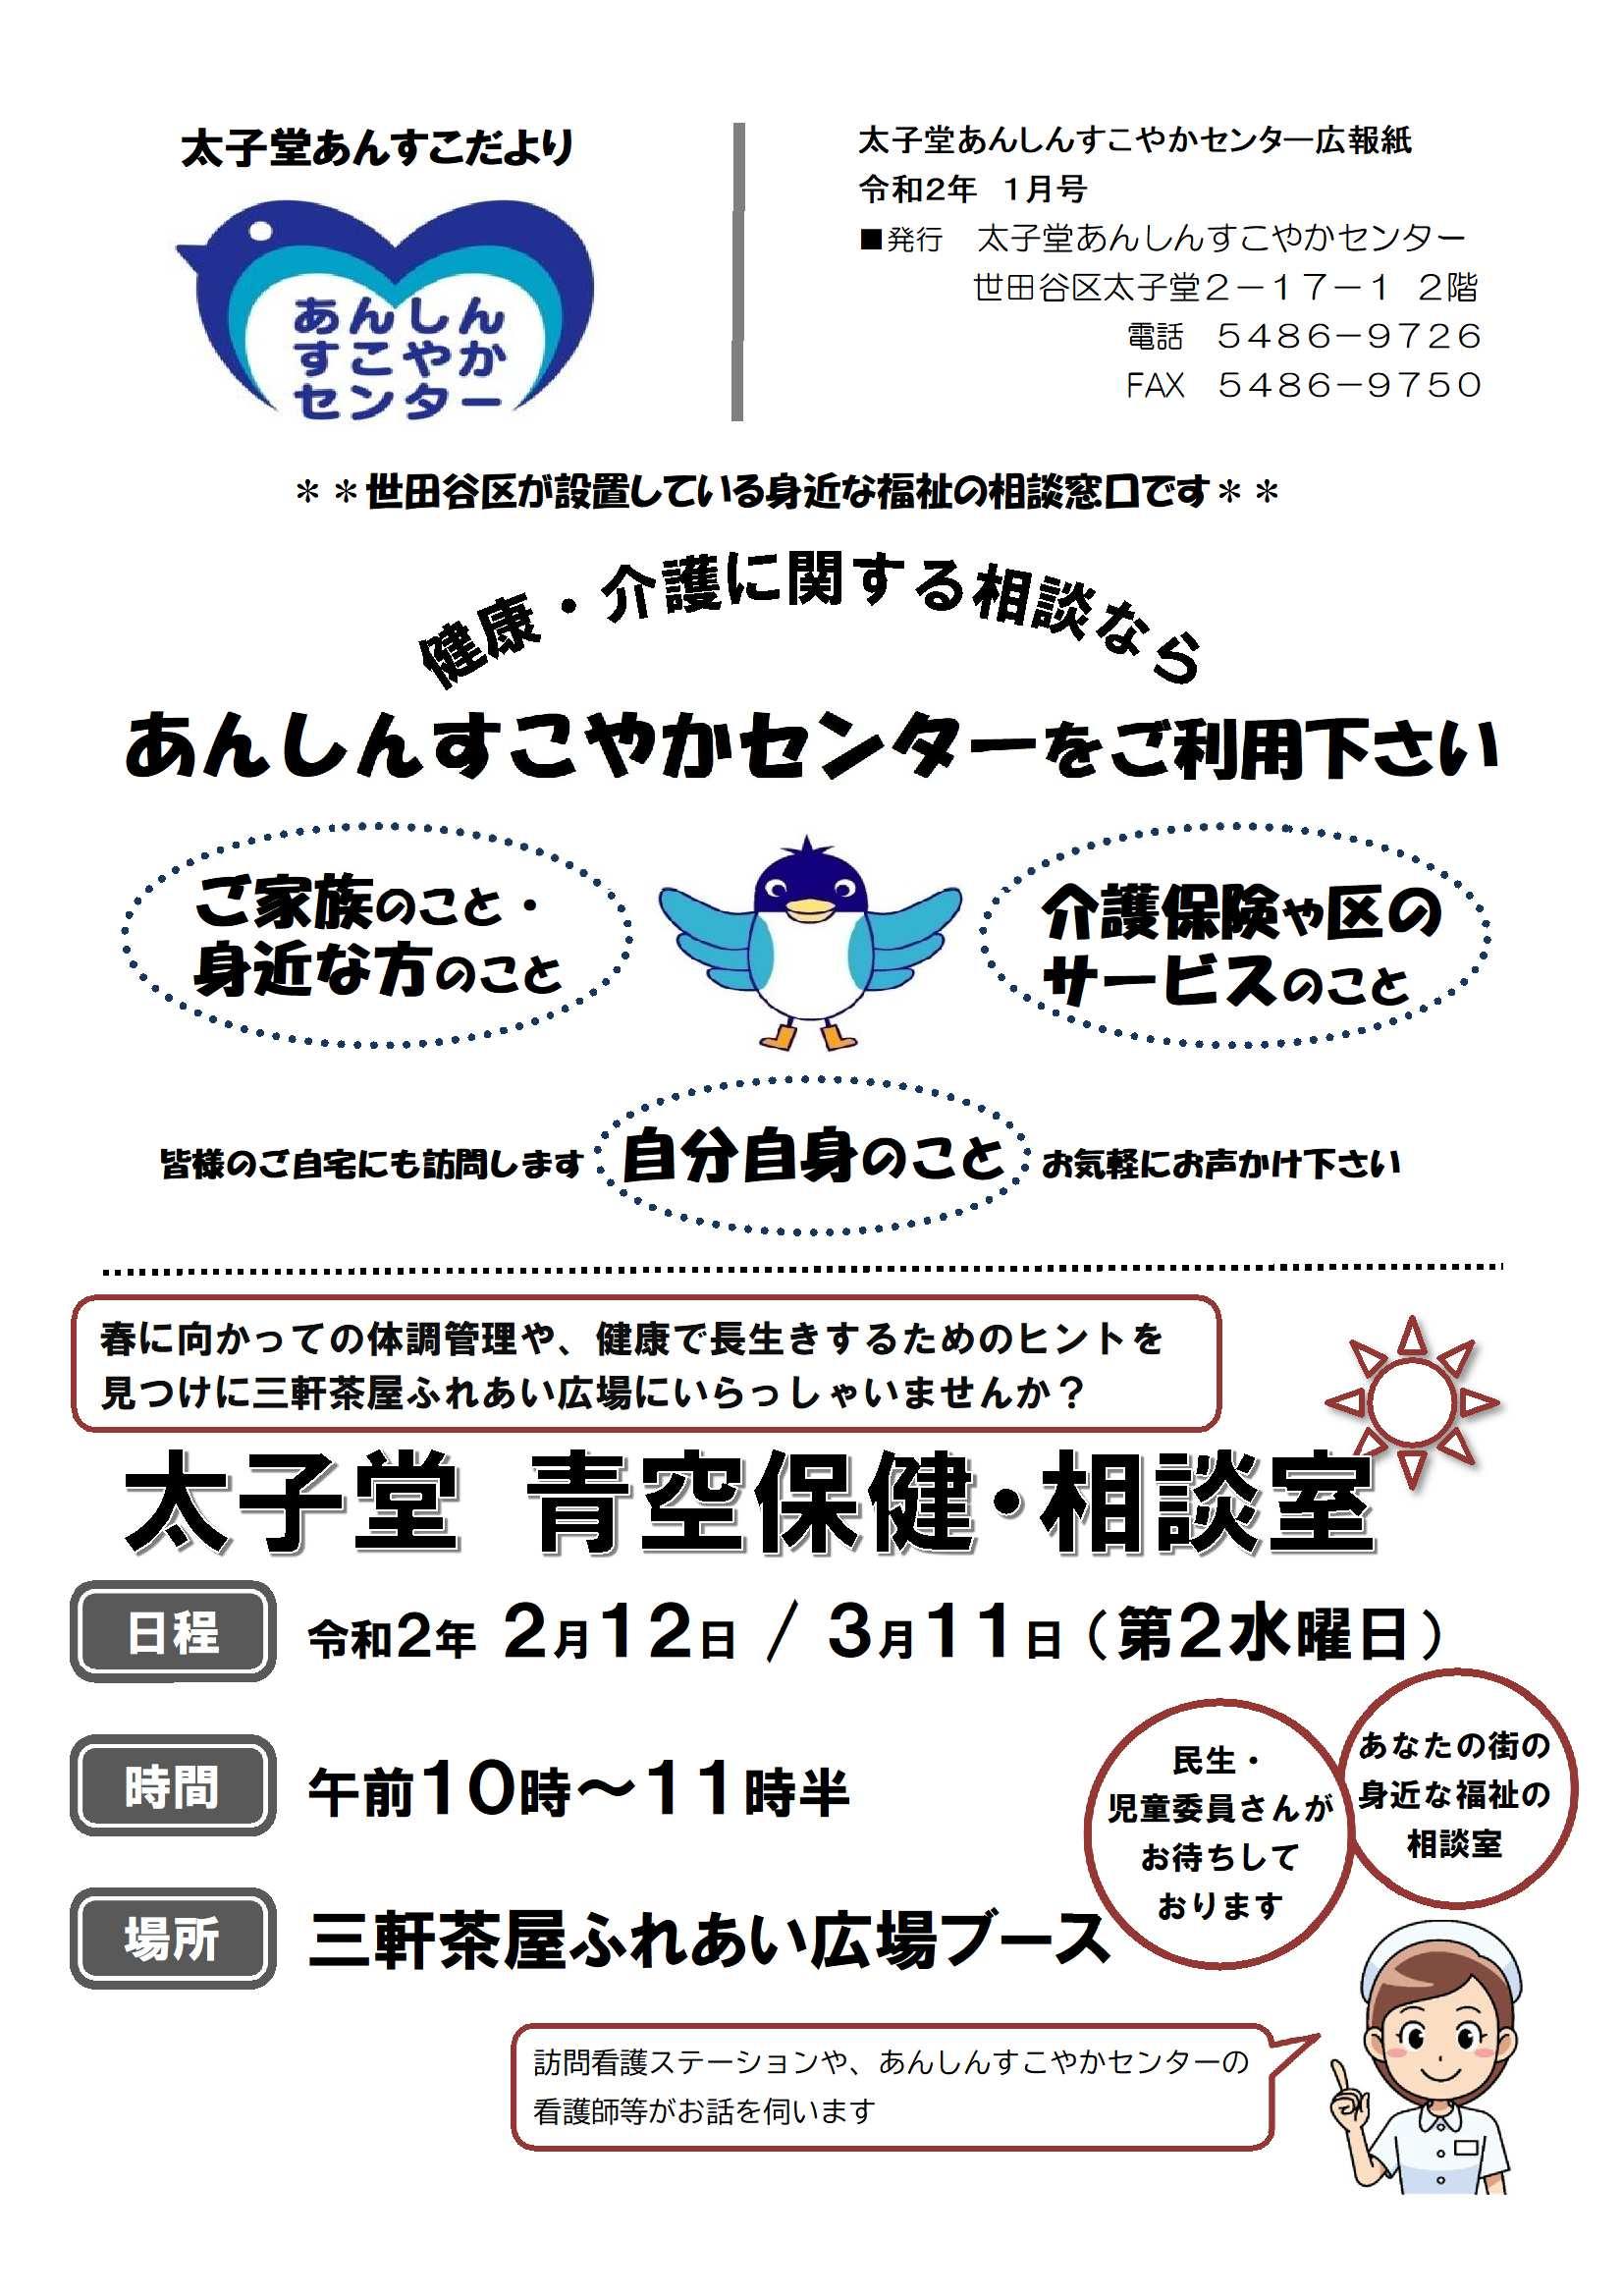 (R02.1月号)太子堂あんすこ広報紙-1.jpg